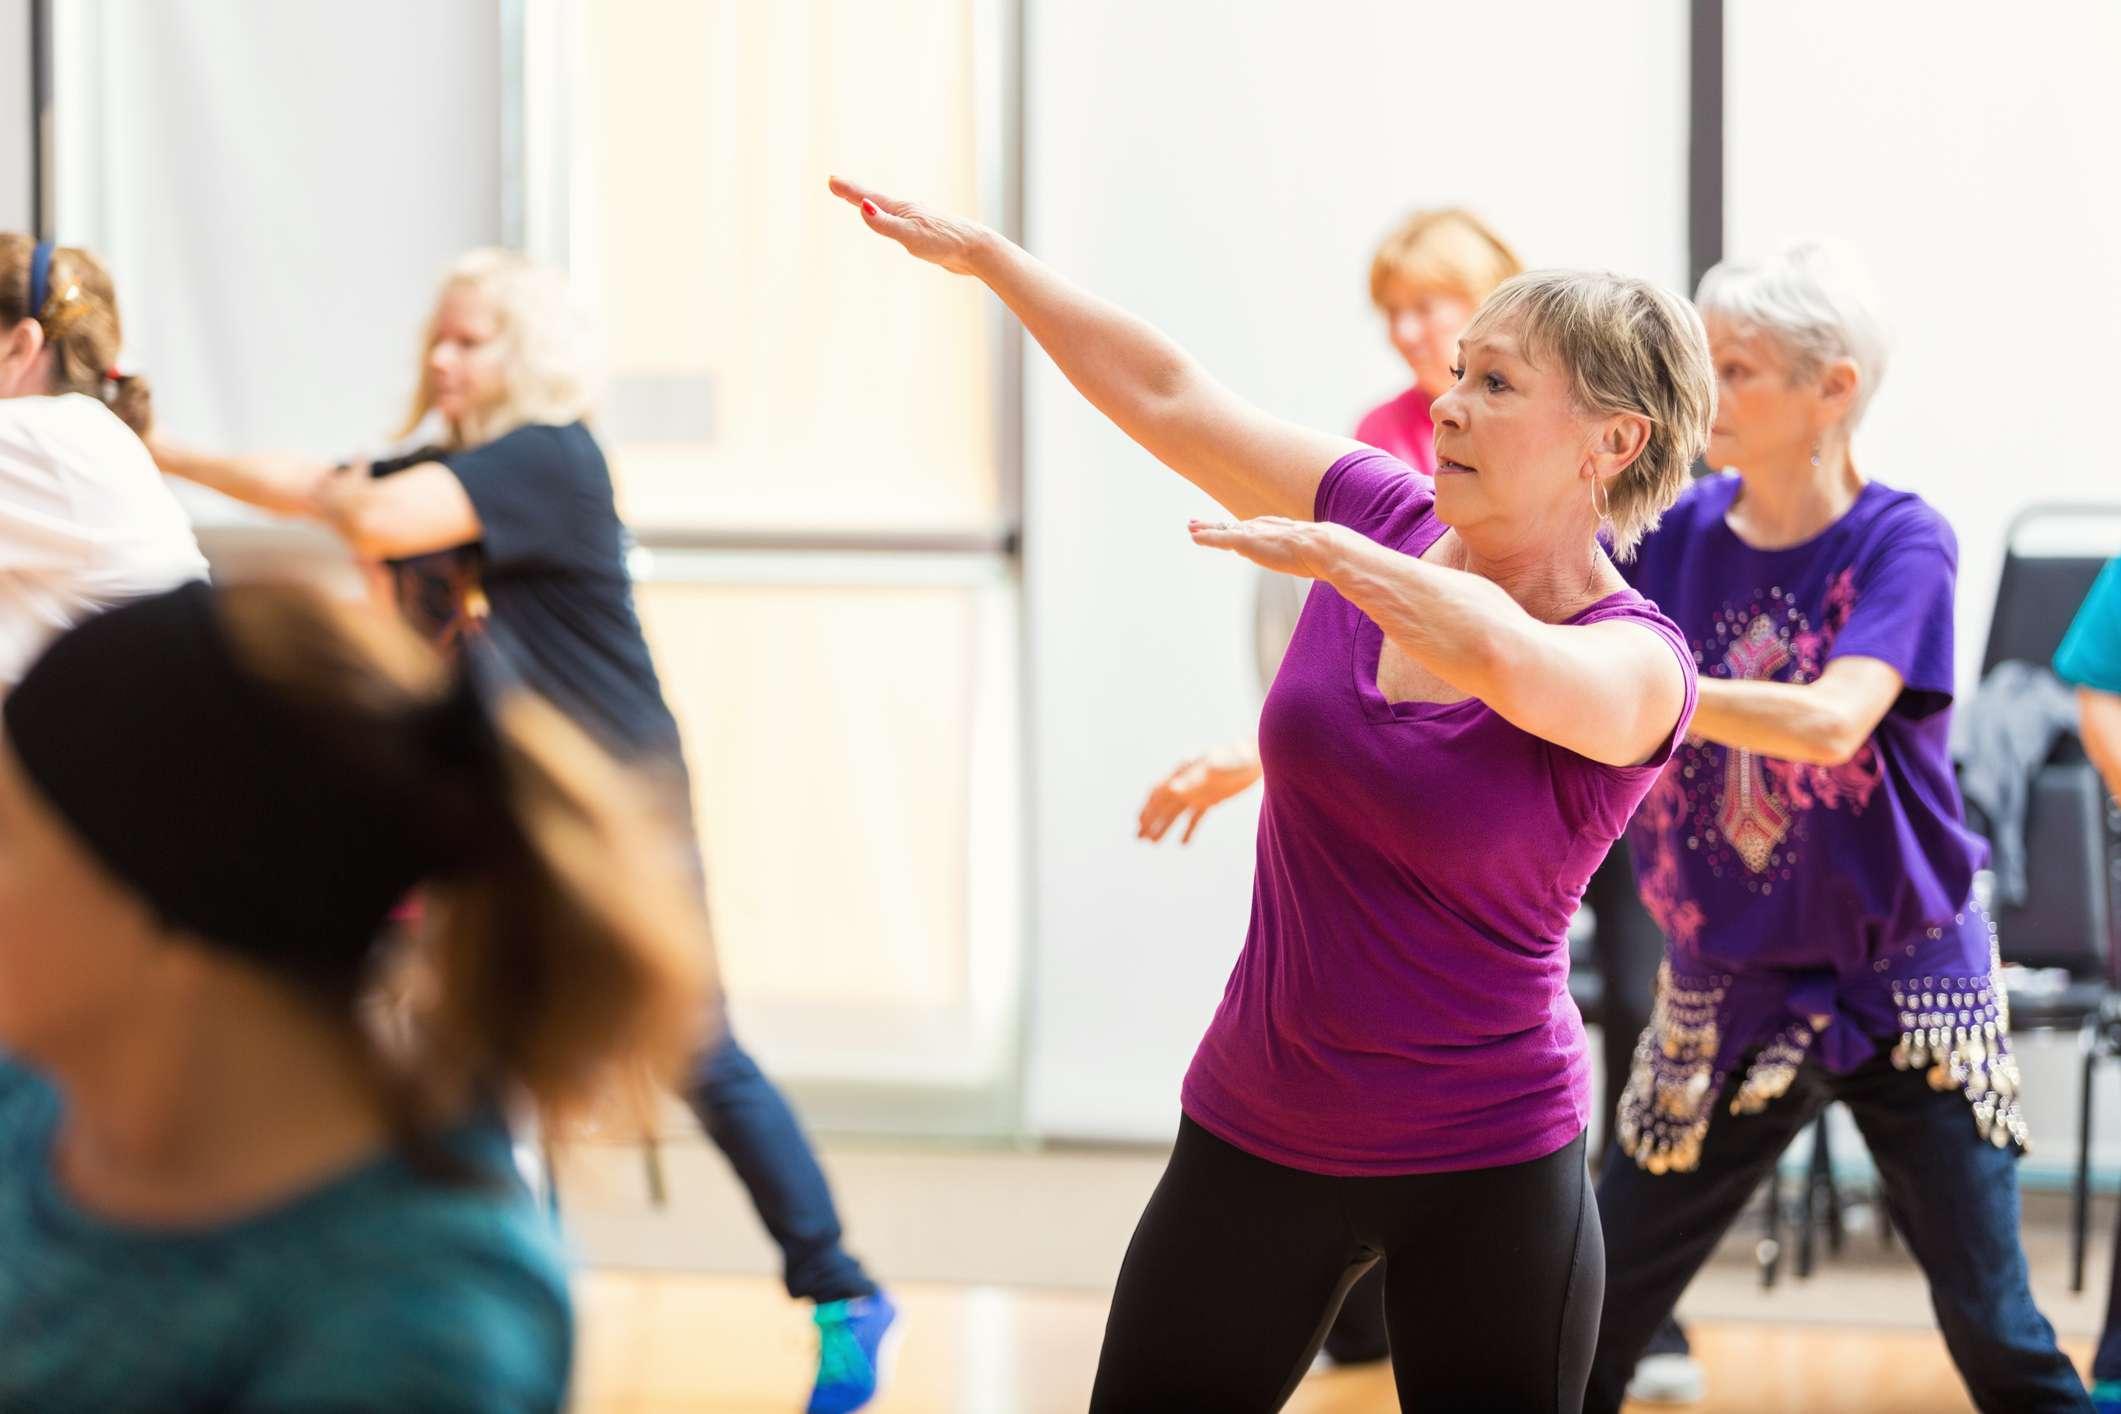 Senior women taking dance lessons